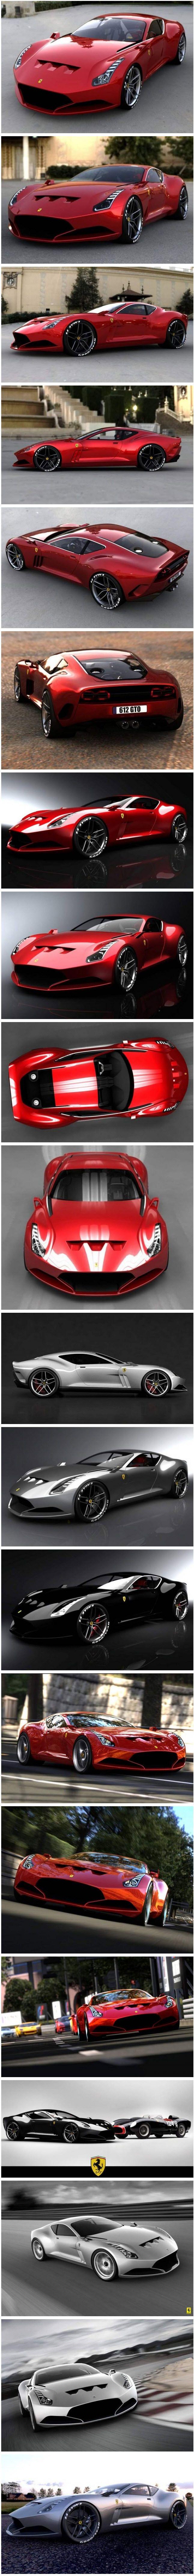 Ferrari 612 GTO concept